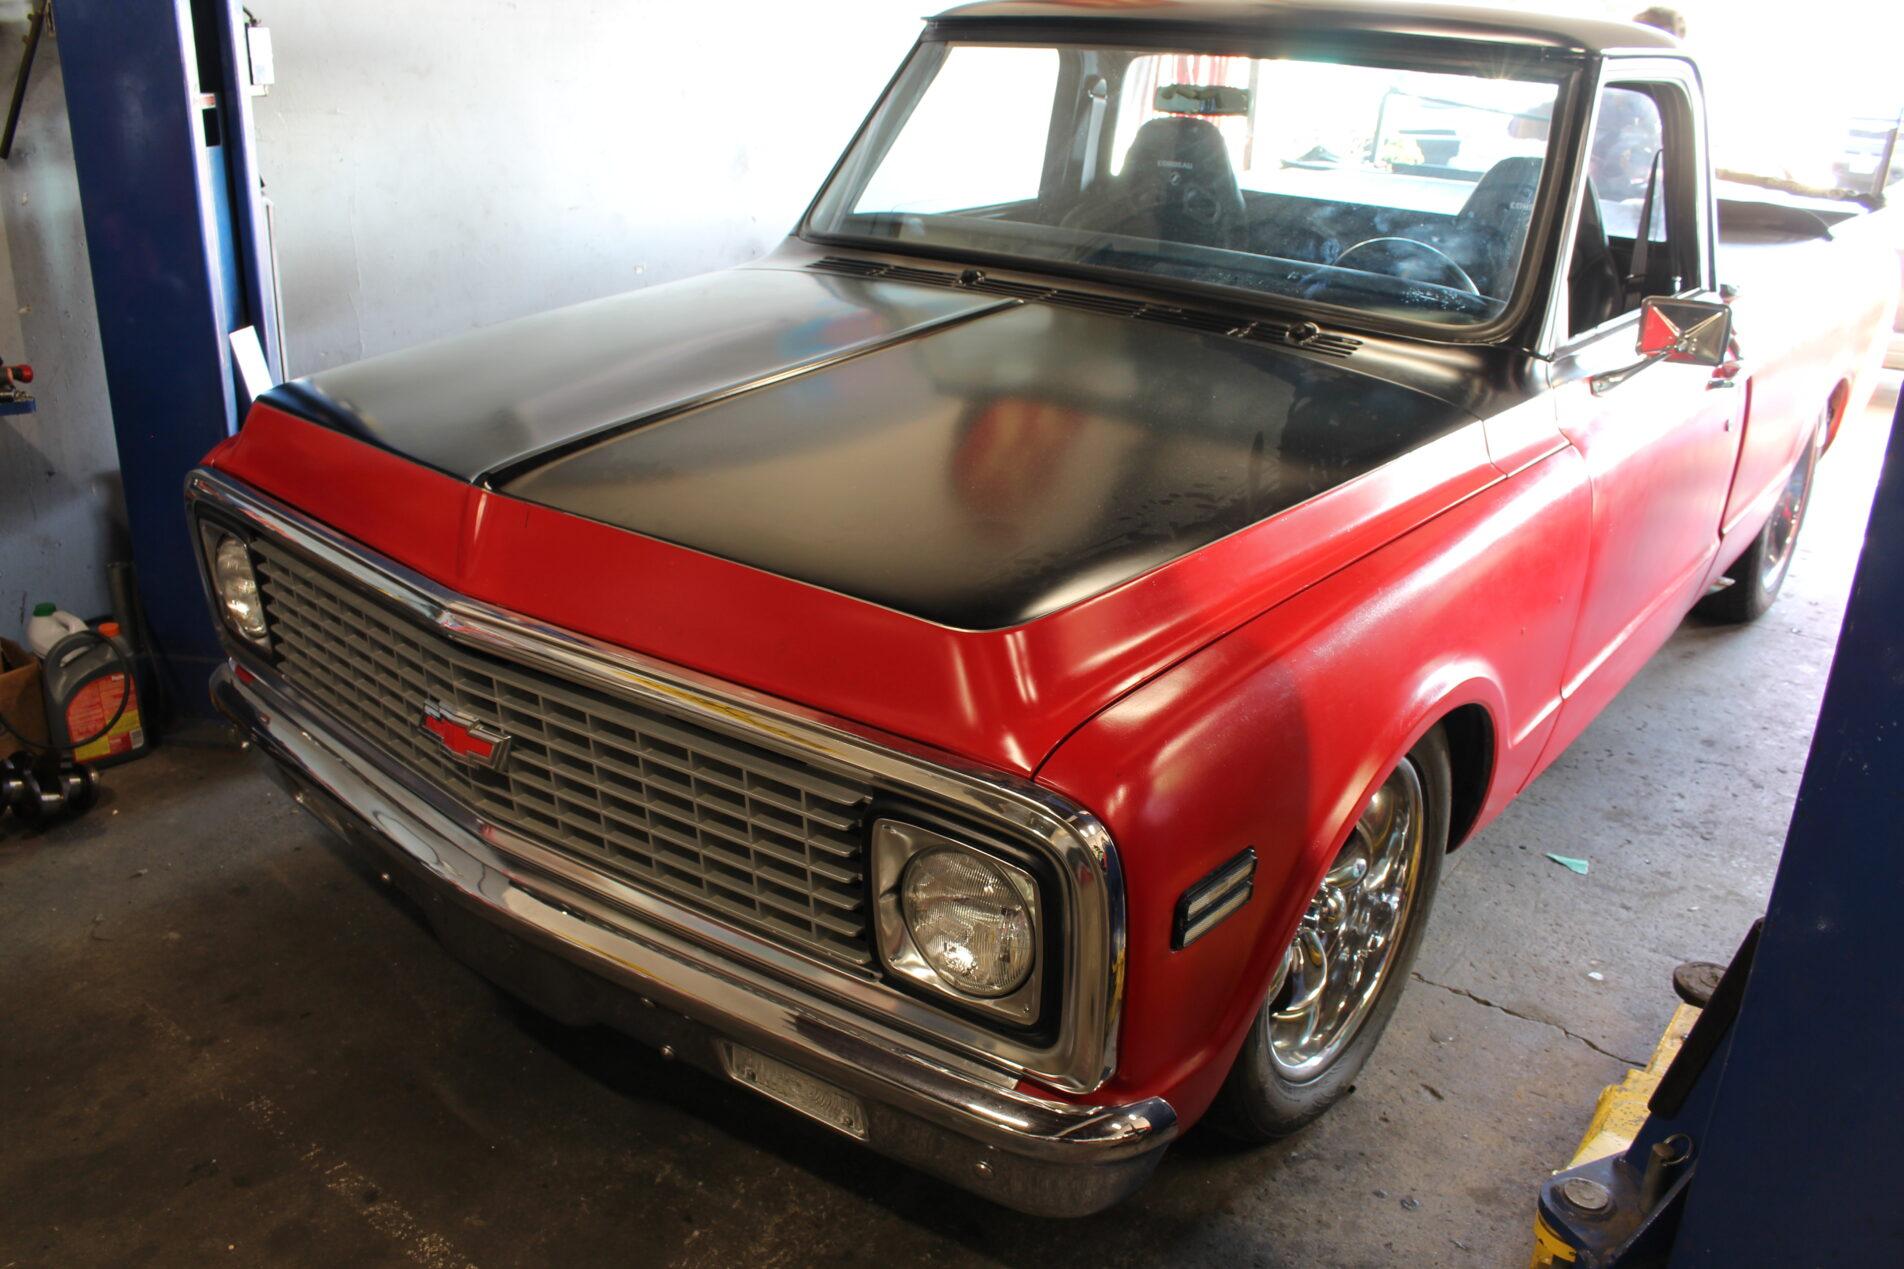 1972 Chevy C10 Pickup Truck